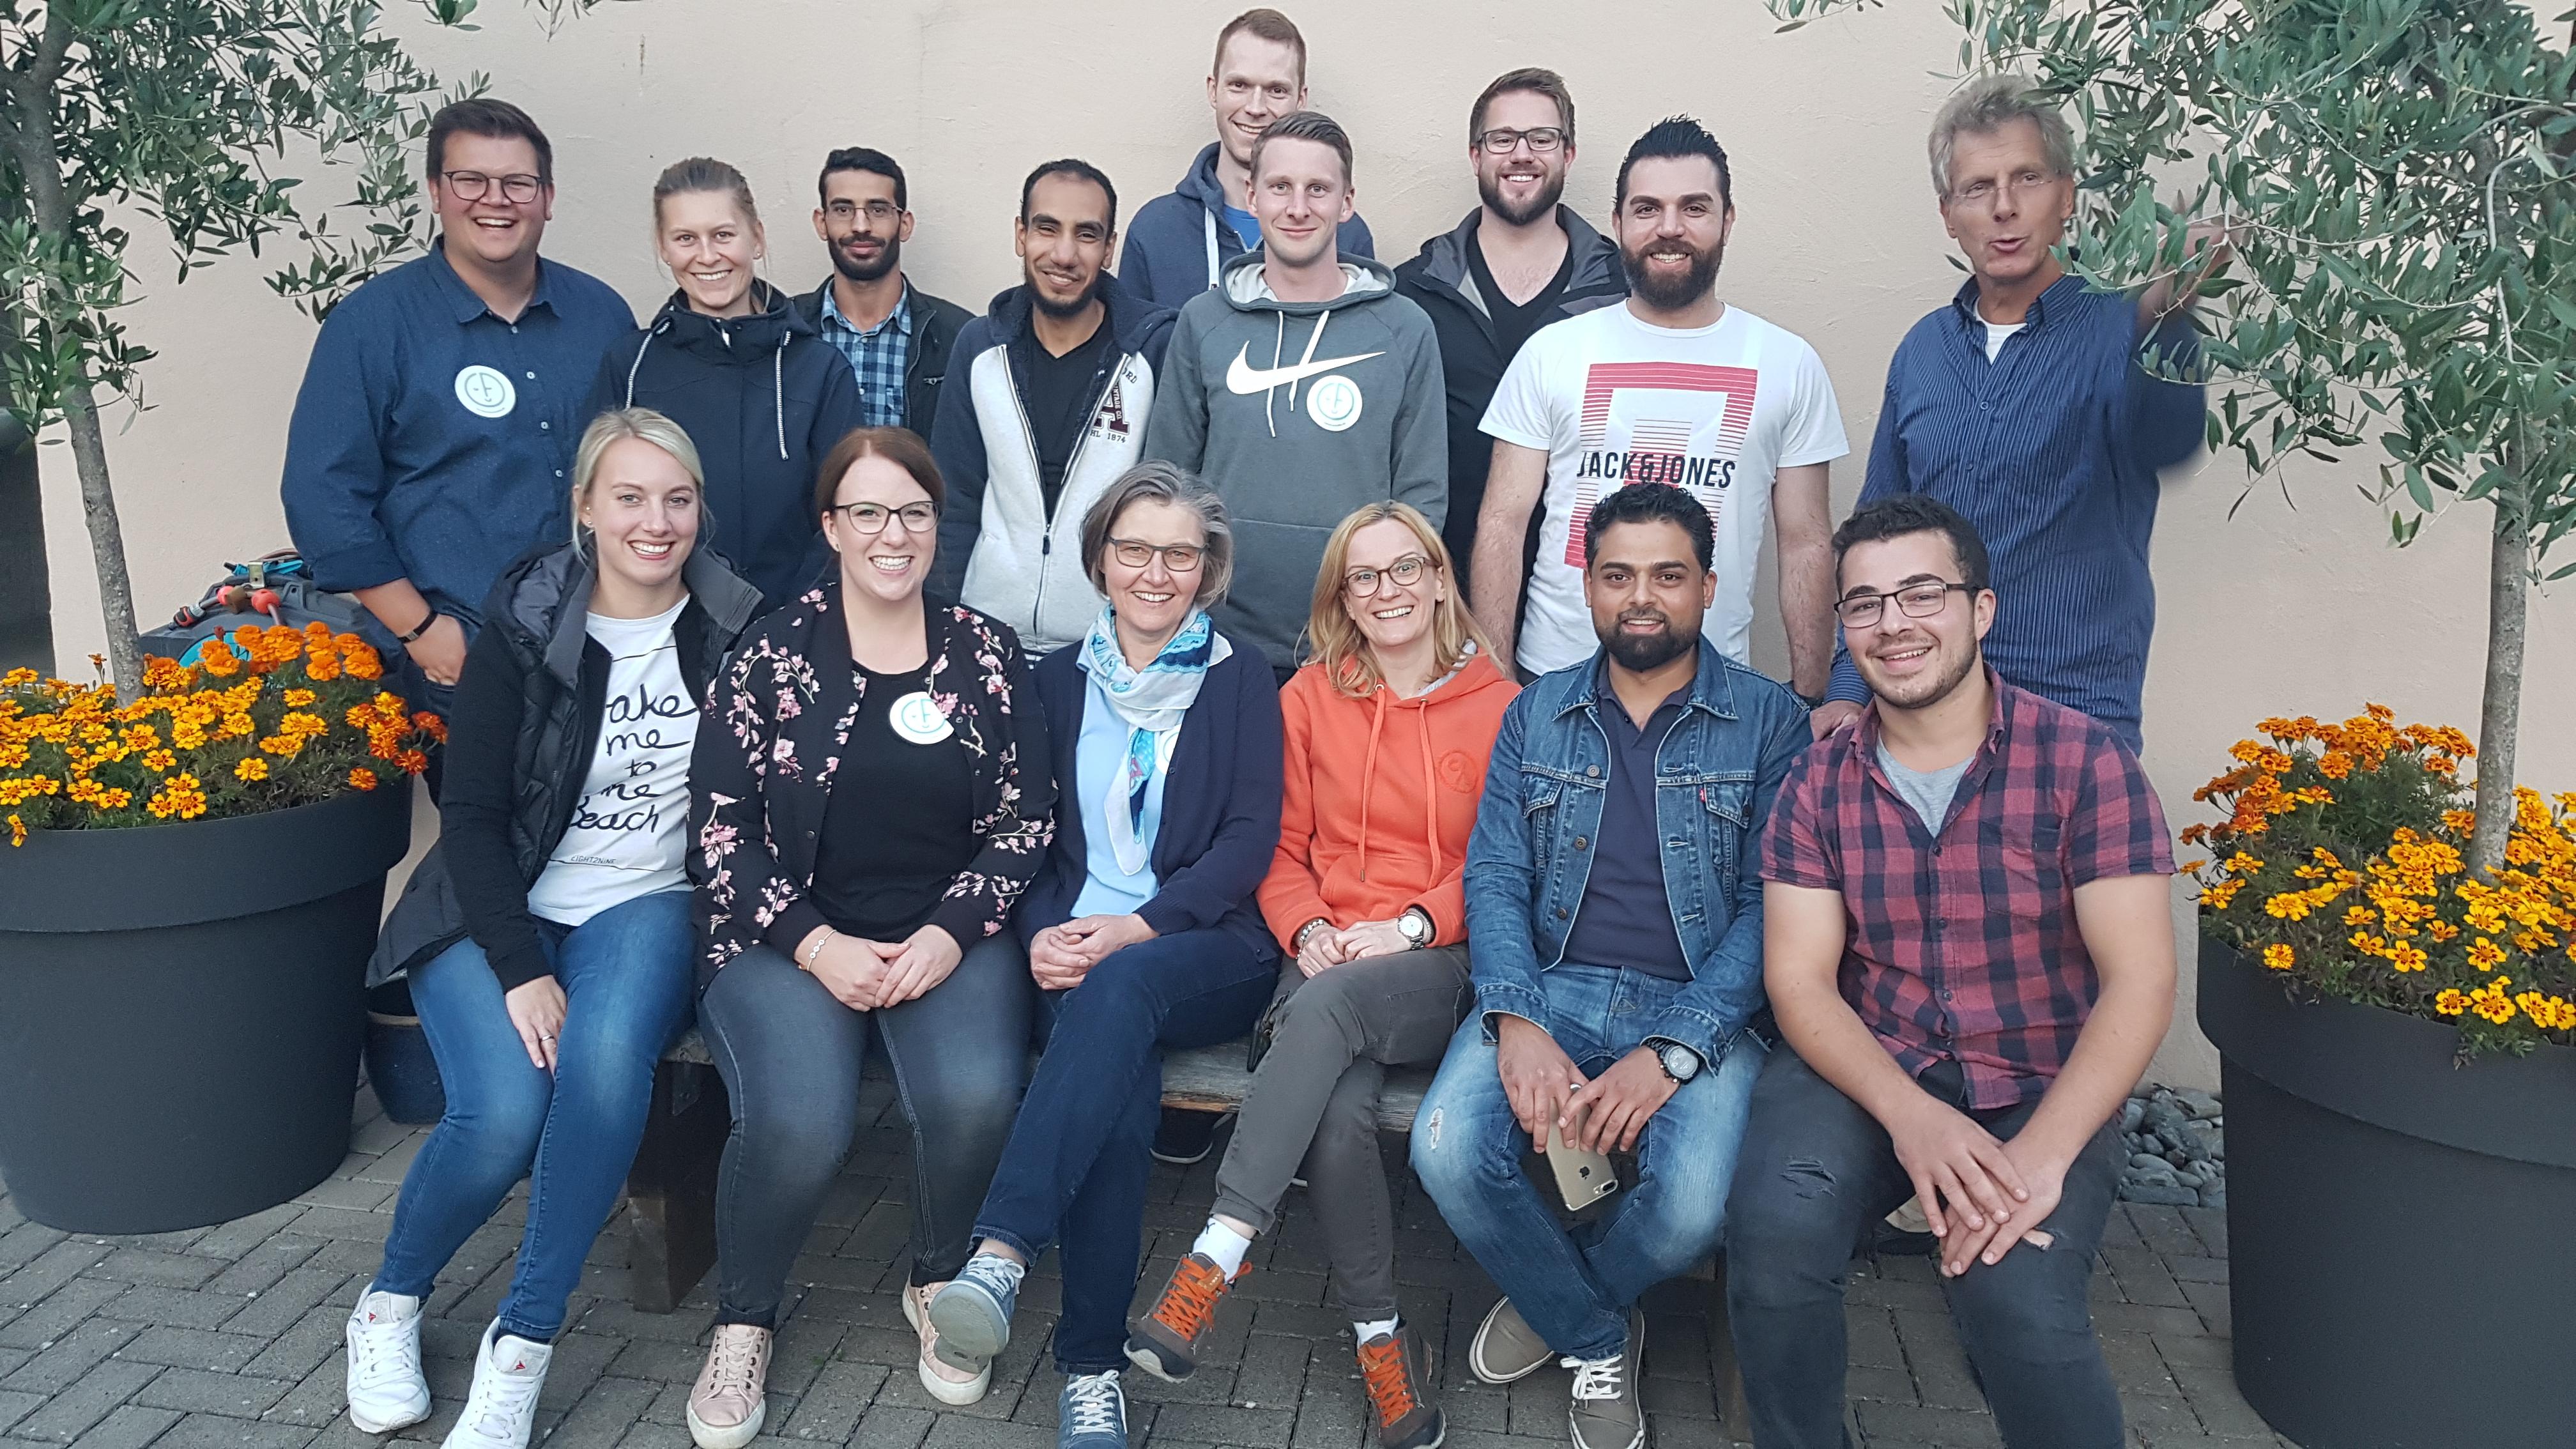 Auf dem Bild sieht man eine Gruppe von Männern und Frauen die für ein Gruppenfoto posieren